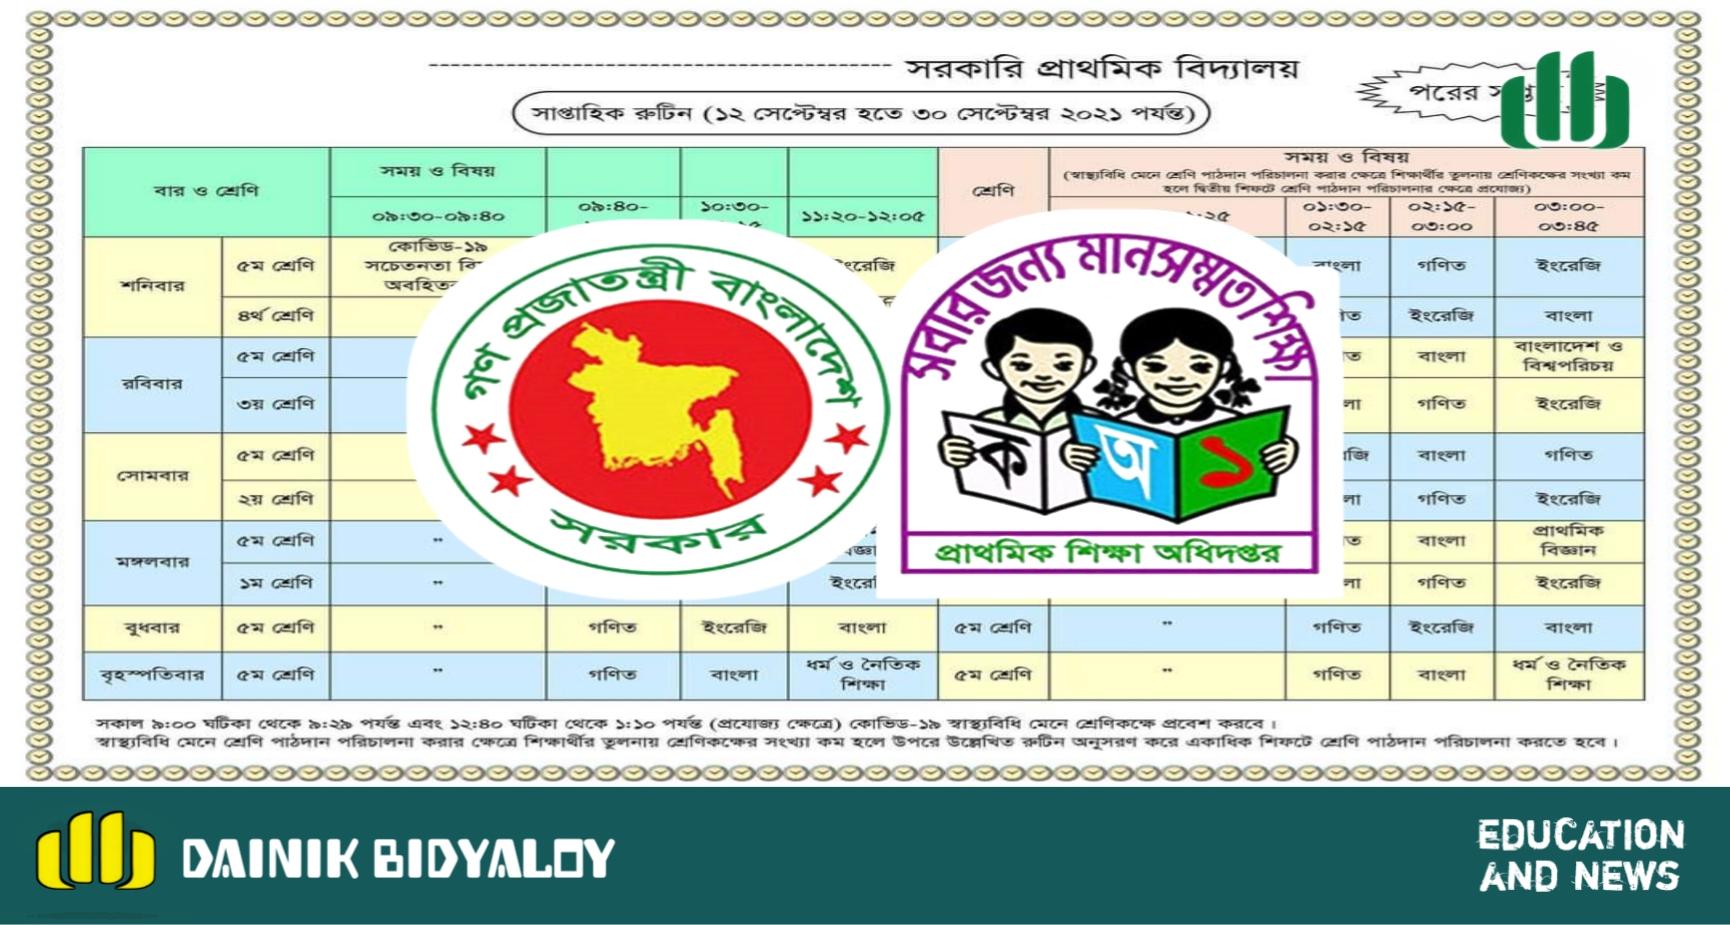 প্রাথমিক শিক্ষা অধিদপ্তর প্রদত্ত রুটিন 'আগের সপ্তাহ' ও 'পরের সপ্তাহ' স্পষ্টিকরণ